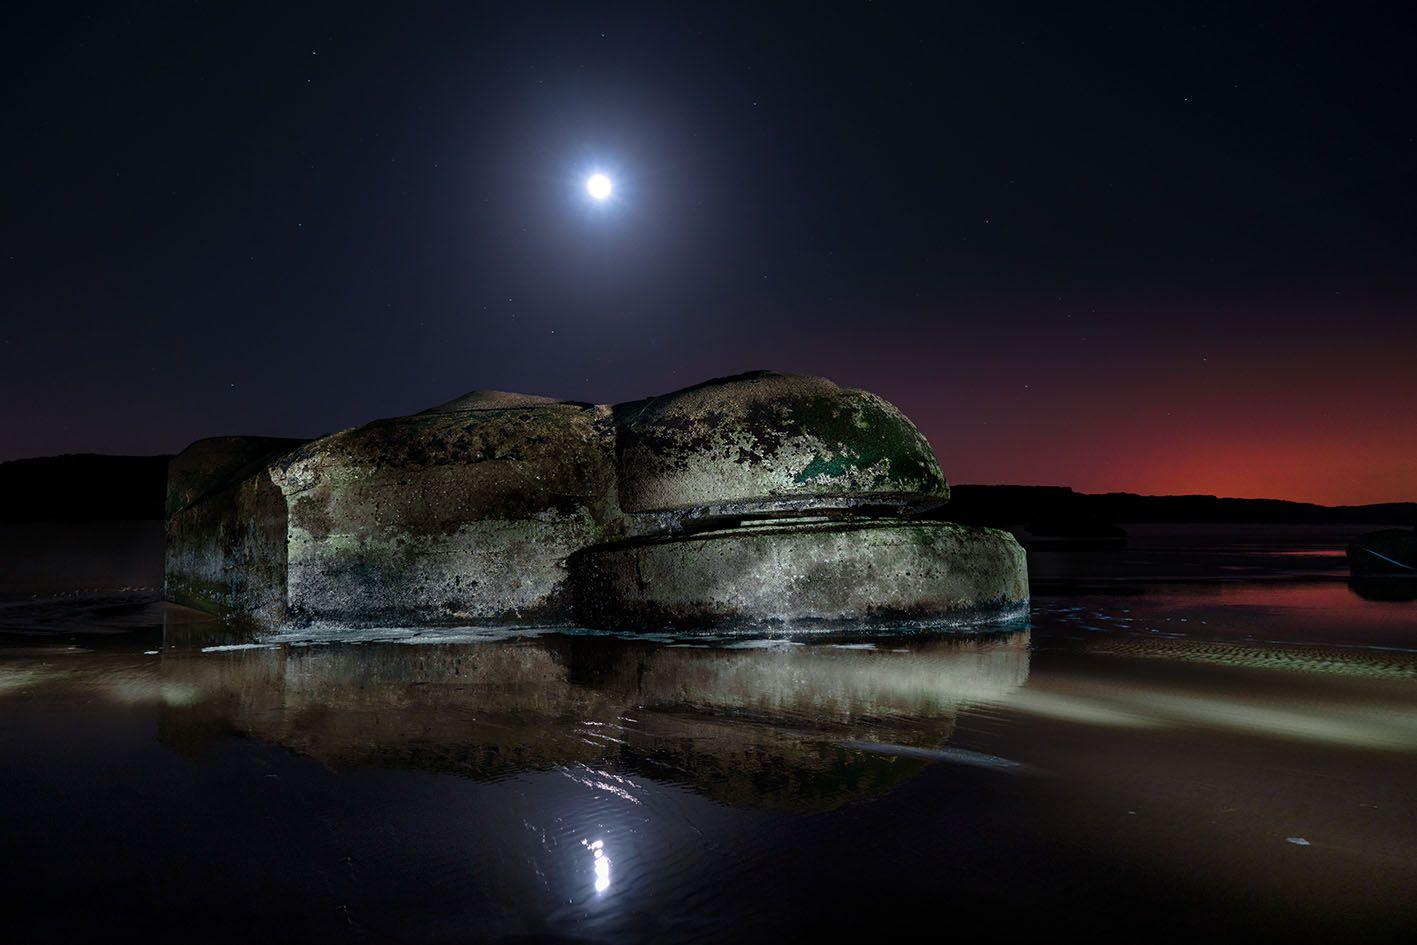 DSC08580_Capbreton_Leitstand_Nachts-im-Mondlicht-2